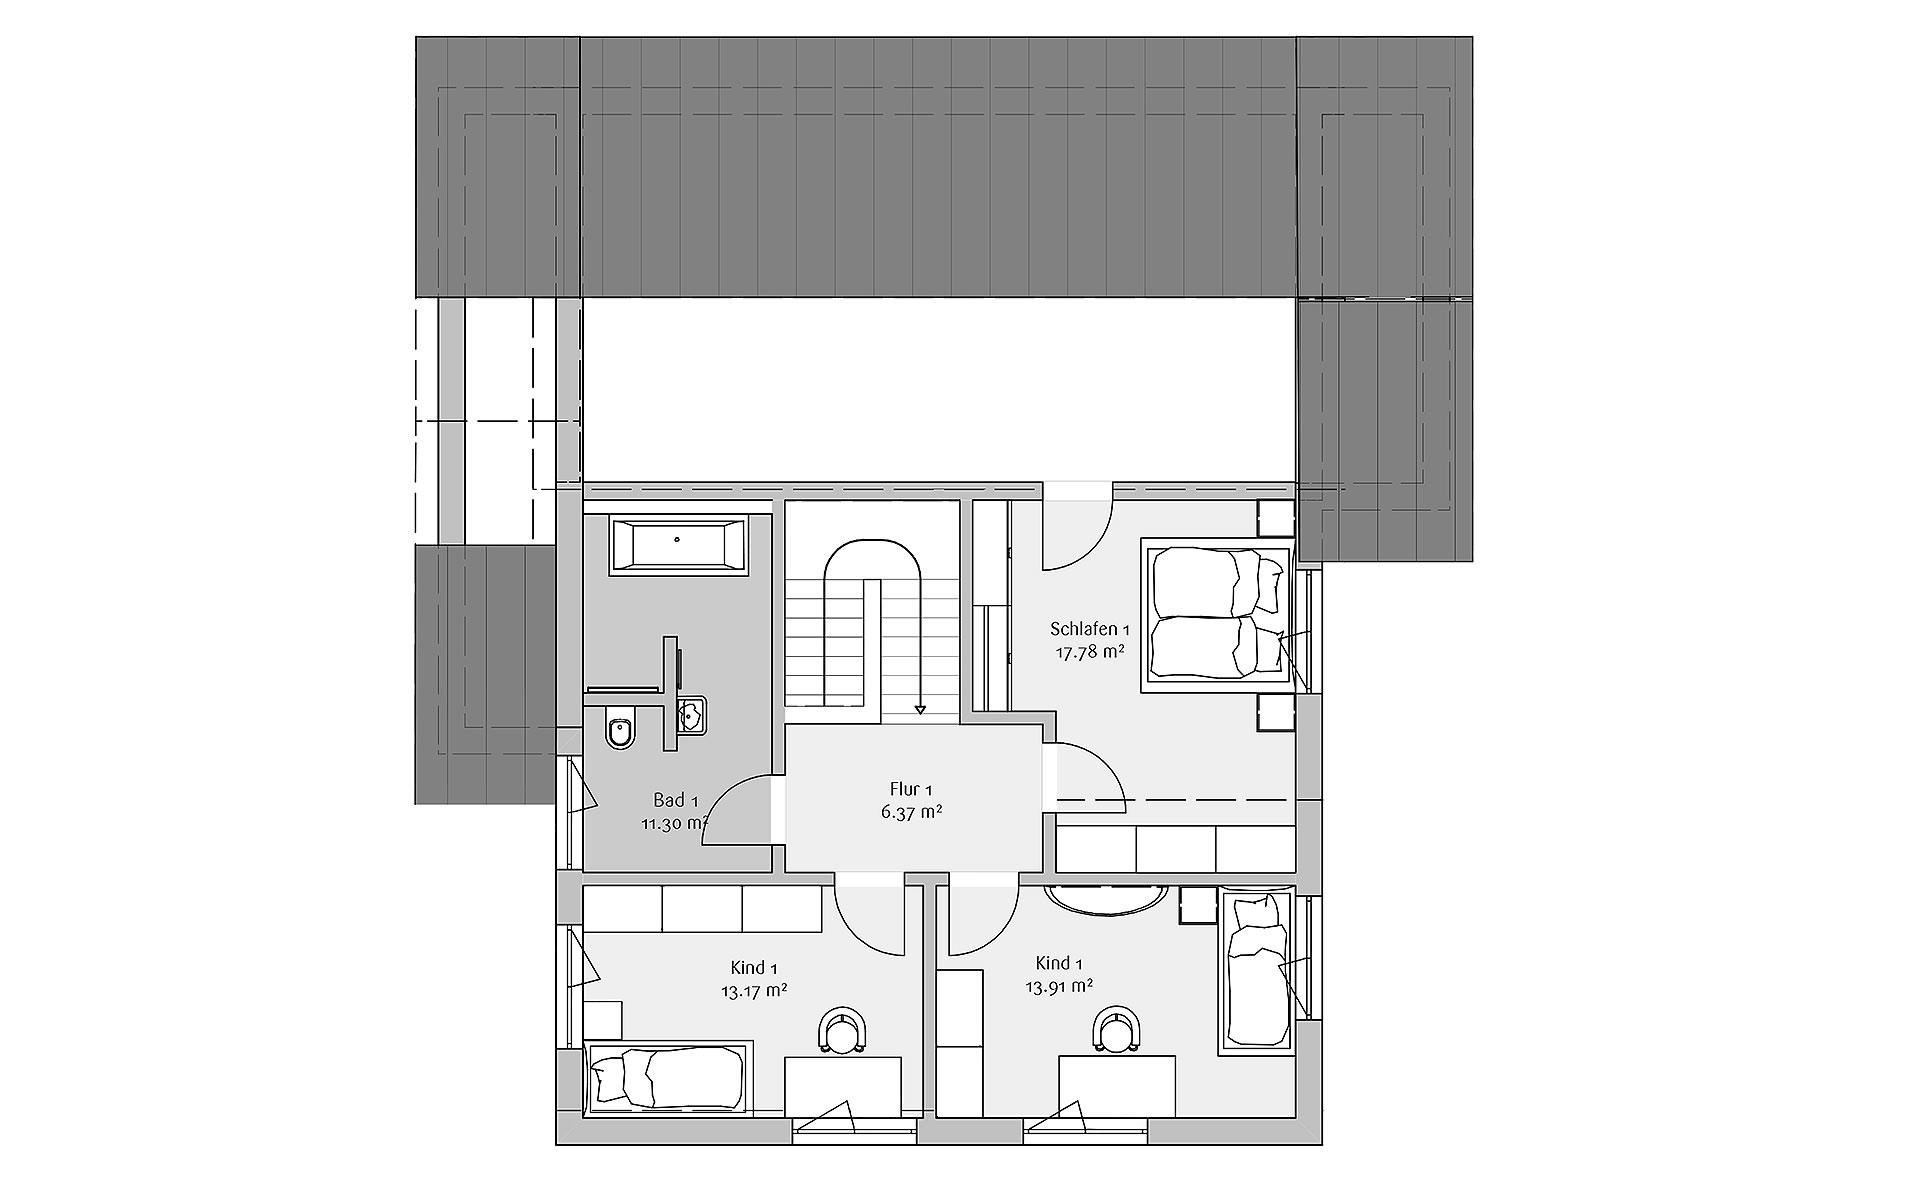 Dachgeschoss Modern 190 von FischerHaus GmbH & Co. KG